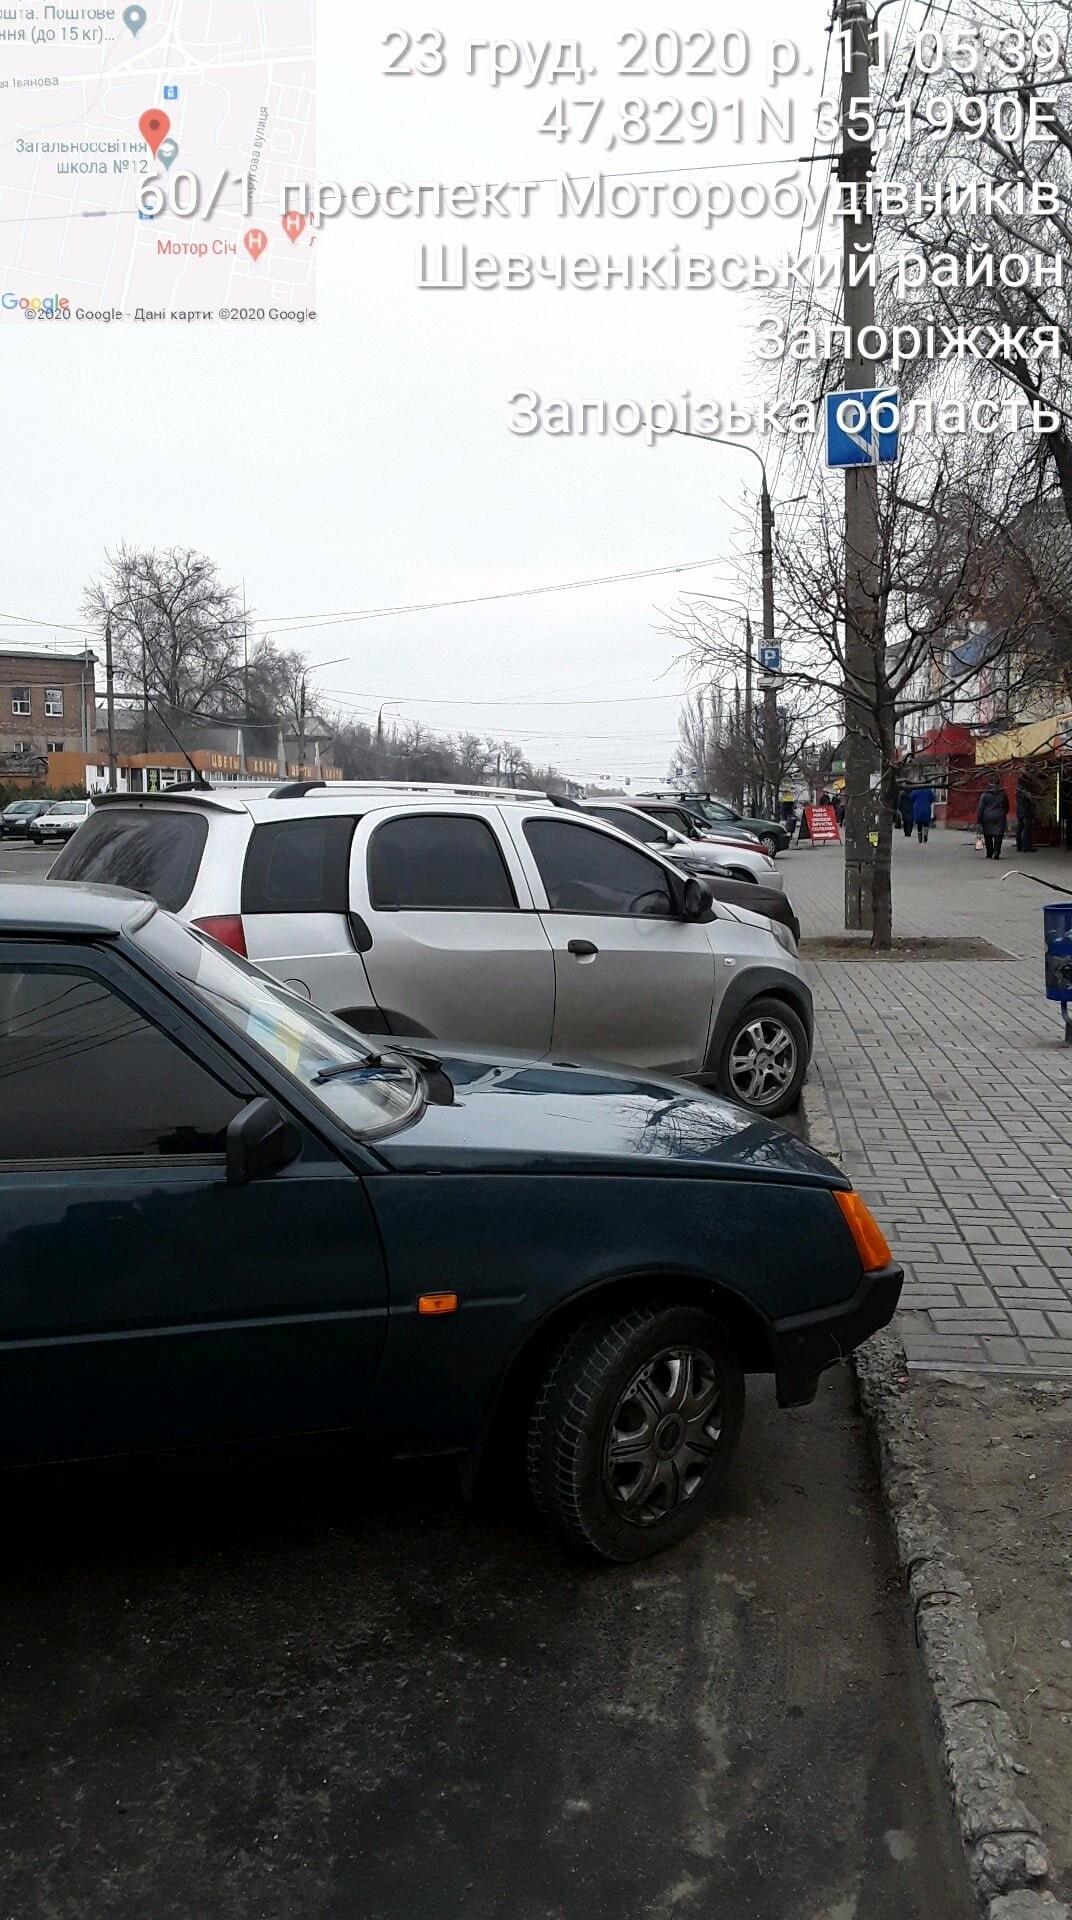 В Запорожье инспекторы по парковке уже в четвертый раз оштрафовали владельца авто, фото-2